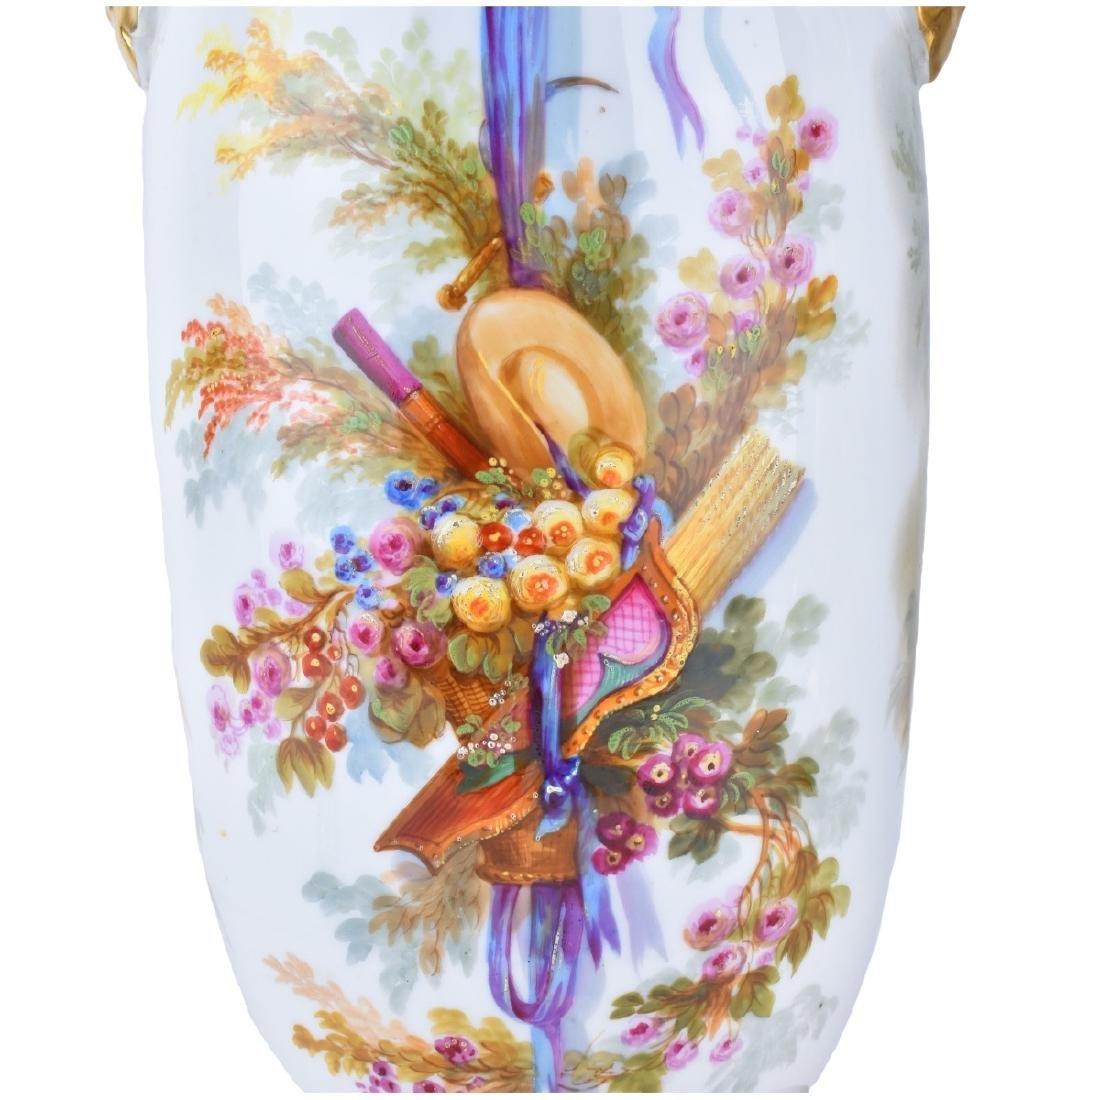 Old Paris Porcelain Vases as Lamps - 8